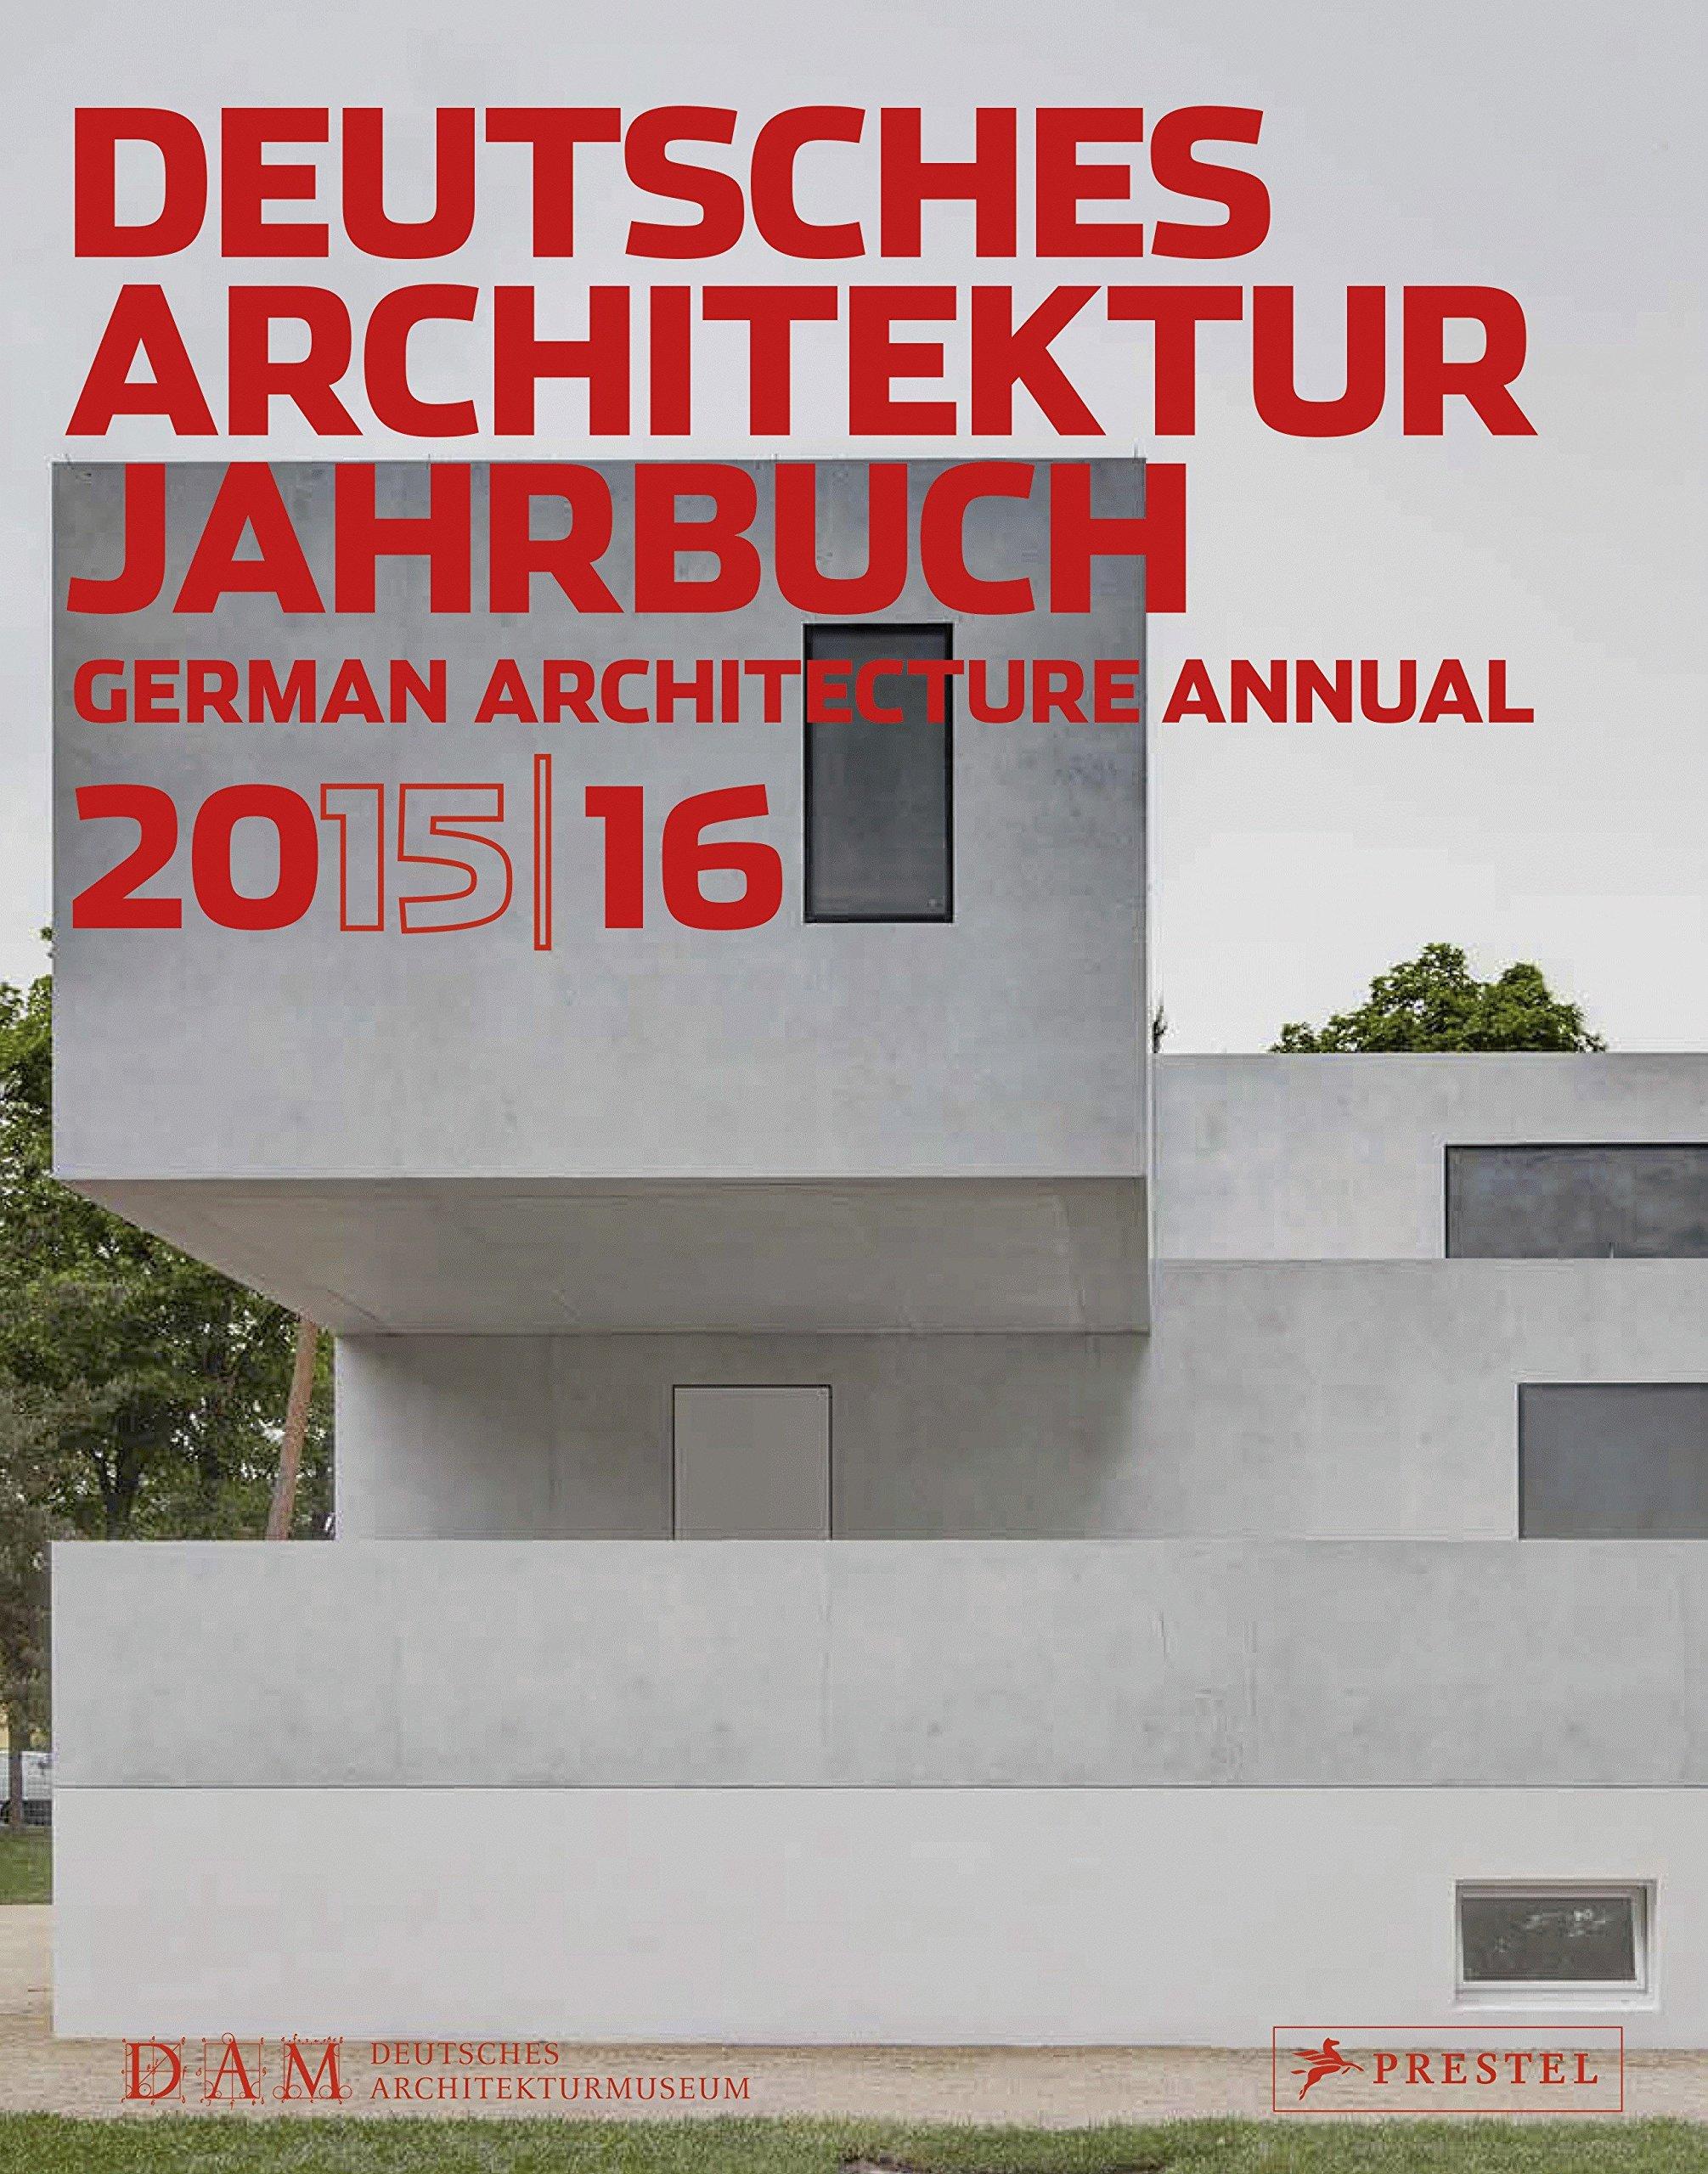 Deutsches Architektur Jahrbuch 2015/16: German Architecture Annual 2015/16 (Englisch) Taschenbuch – 28. September 2015 Peter Cachola Schmal Yorck Förster Christina Gräwe Prestel Verlag